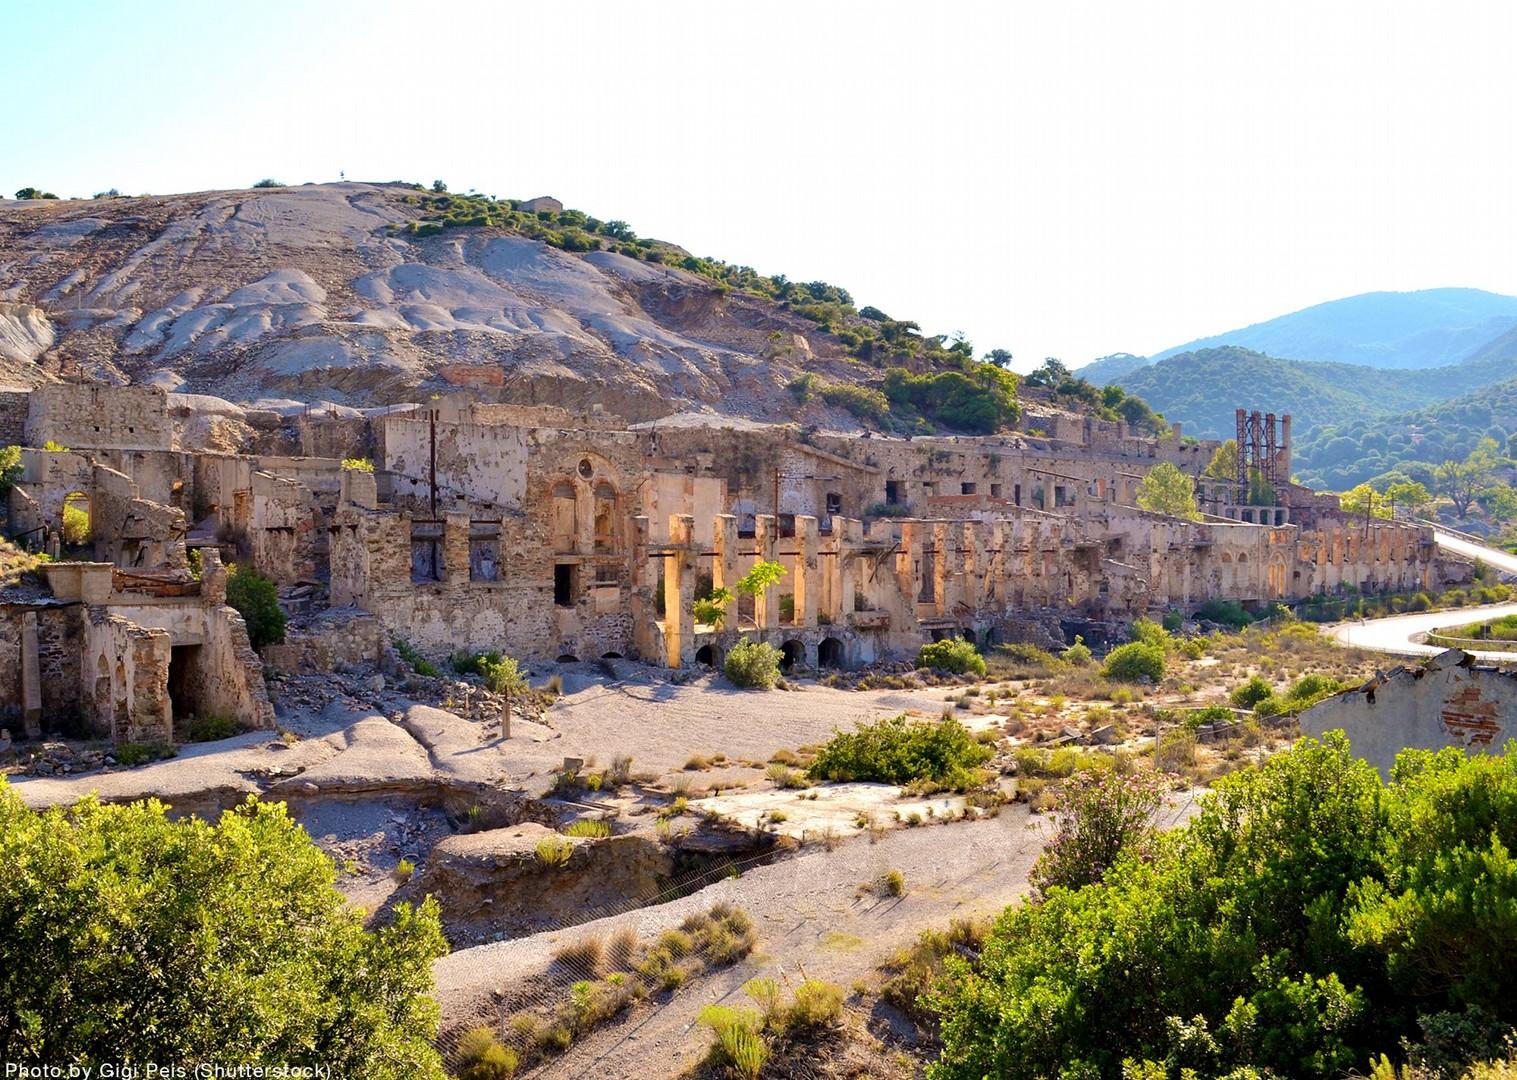 sardinia-archaeological-sites-mountain-biking-tour.jpg - Sardinia - Coast to Coast - Italia Mountain Biking